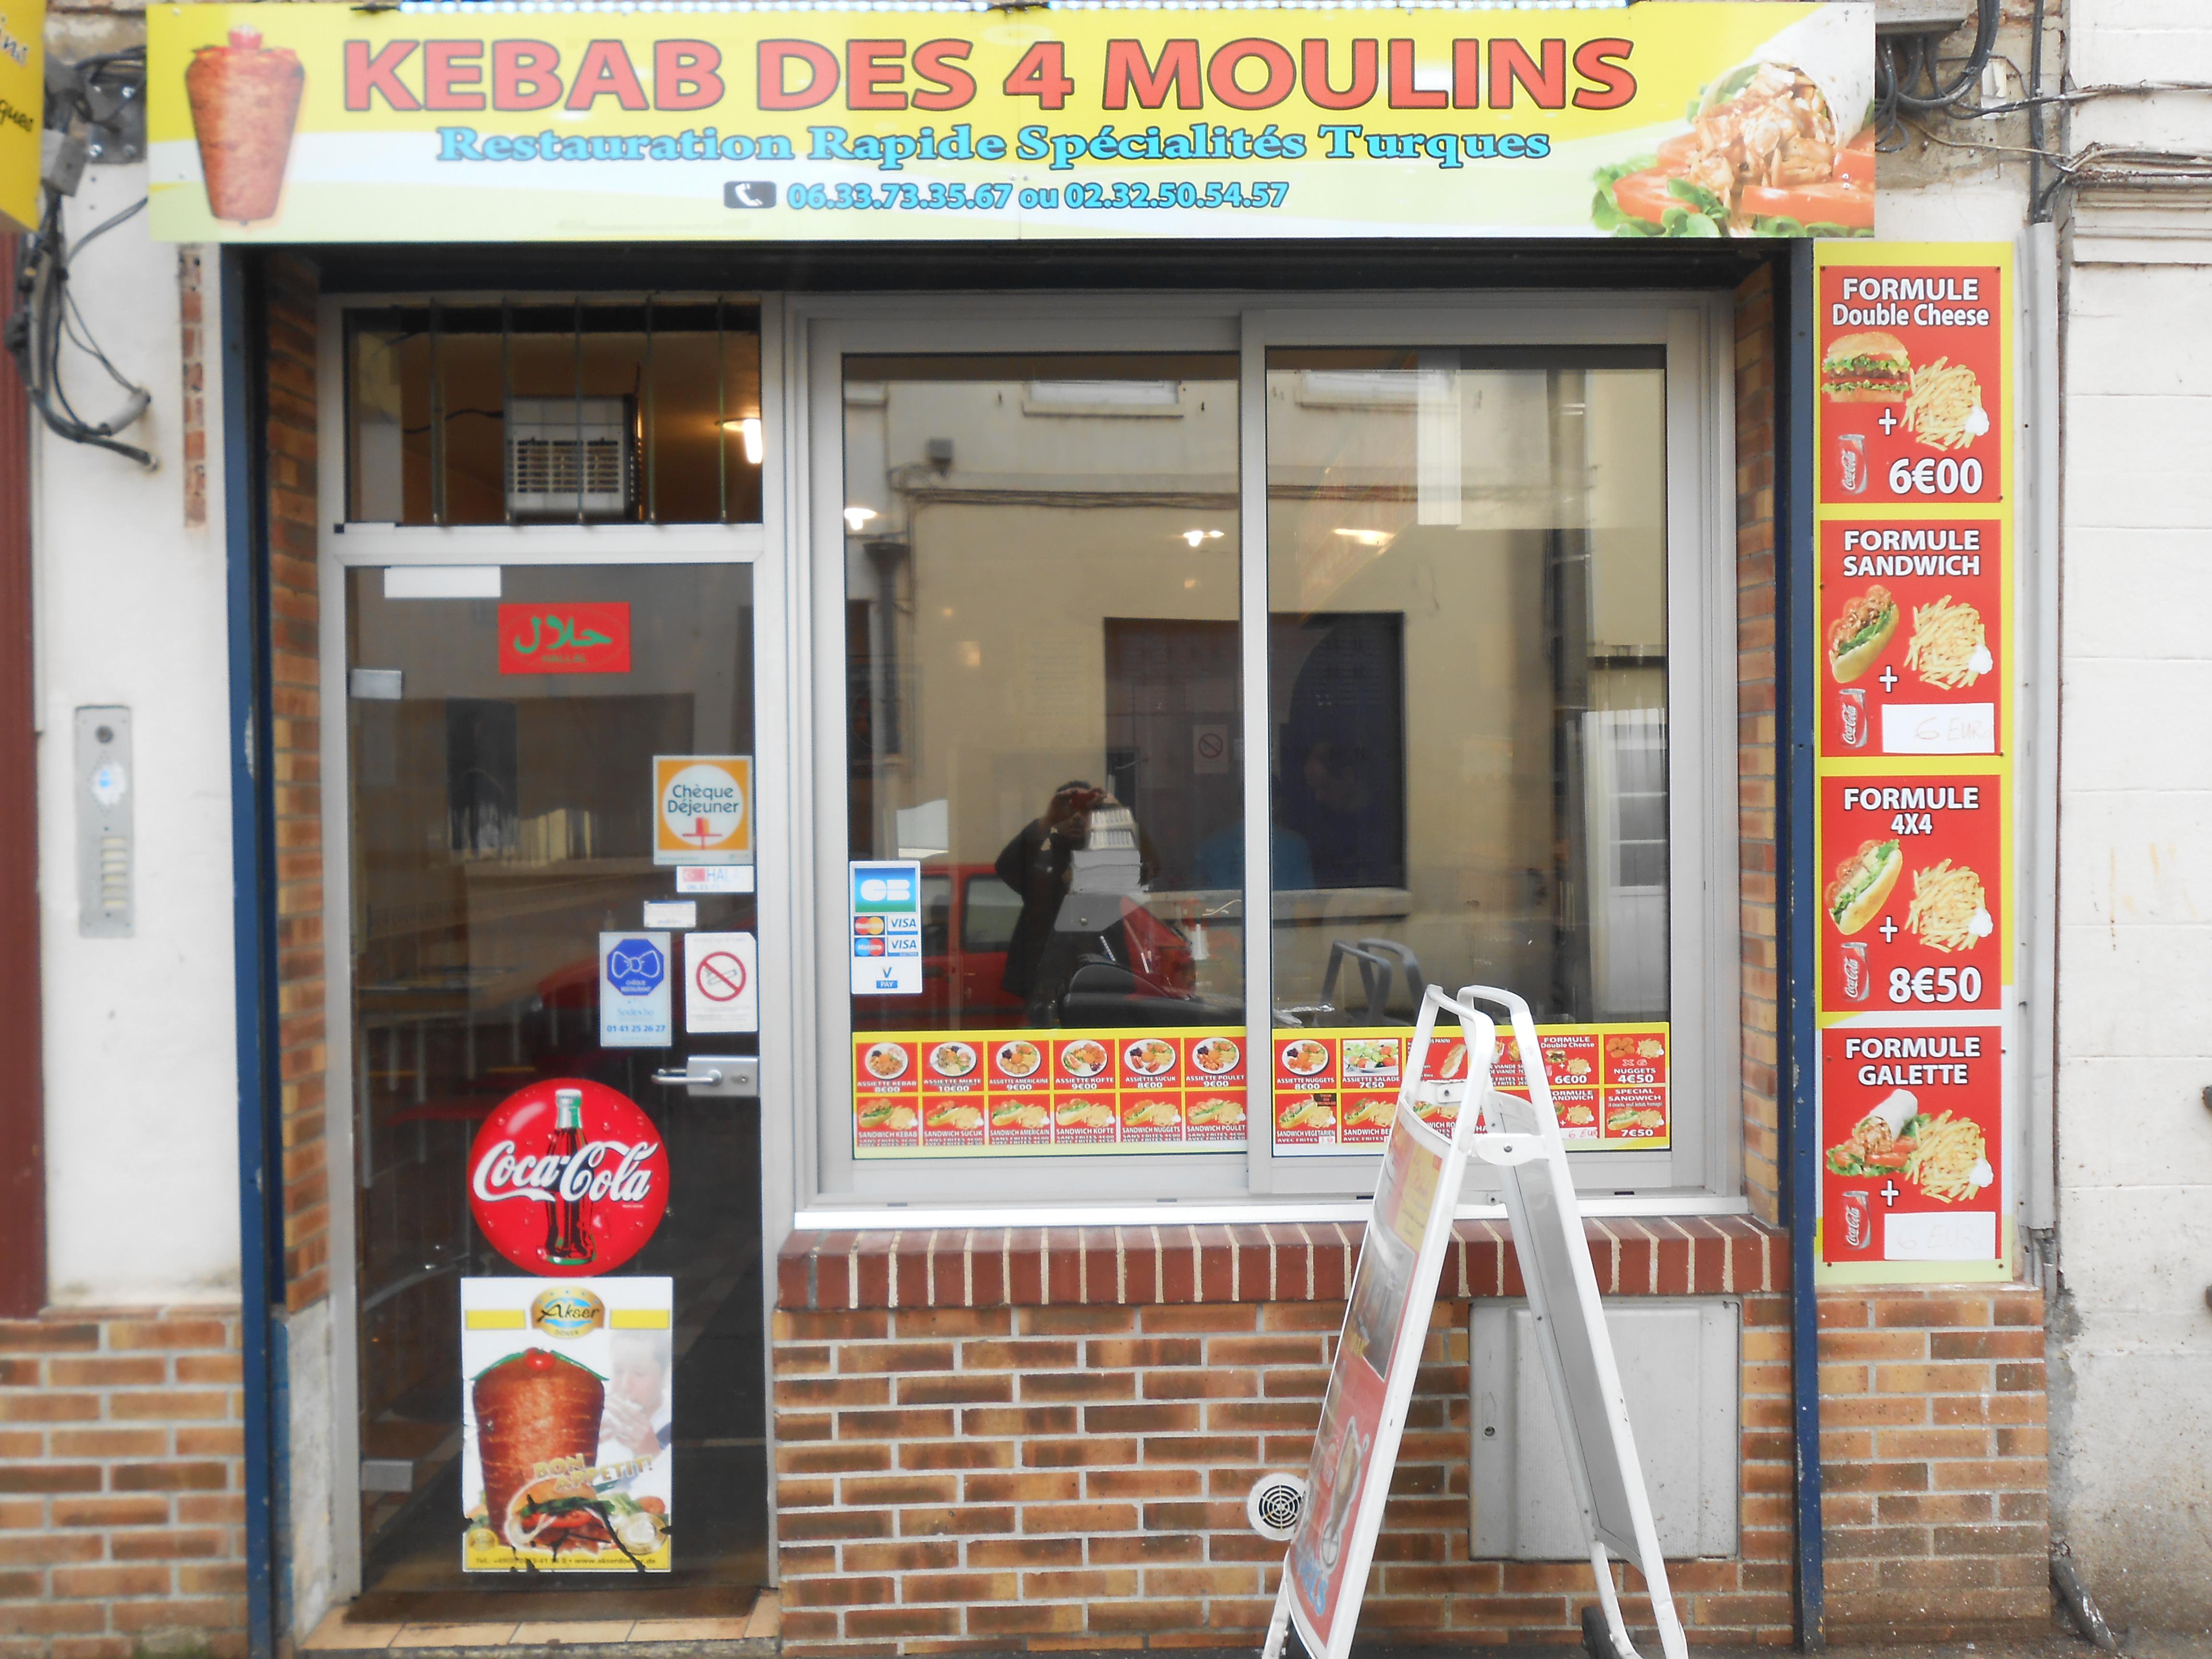 Le Kebab des 4 moulins - Louviers